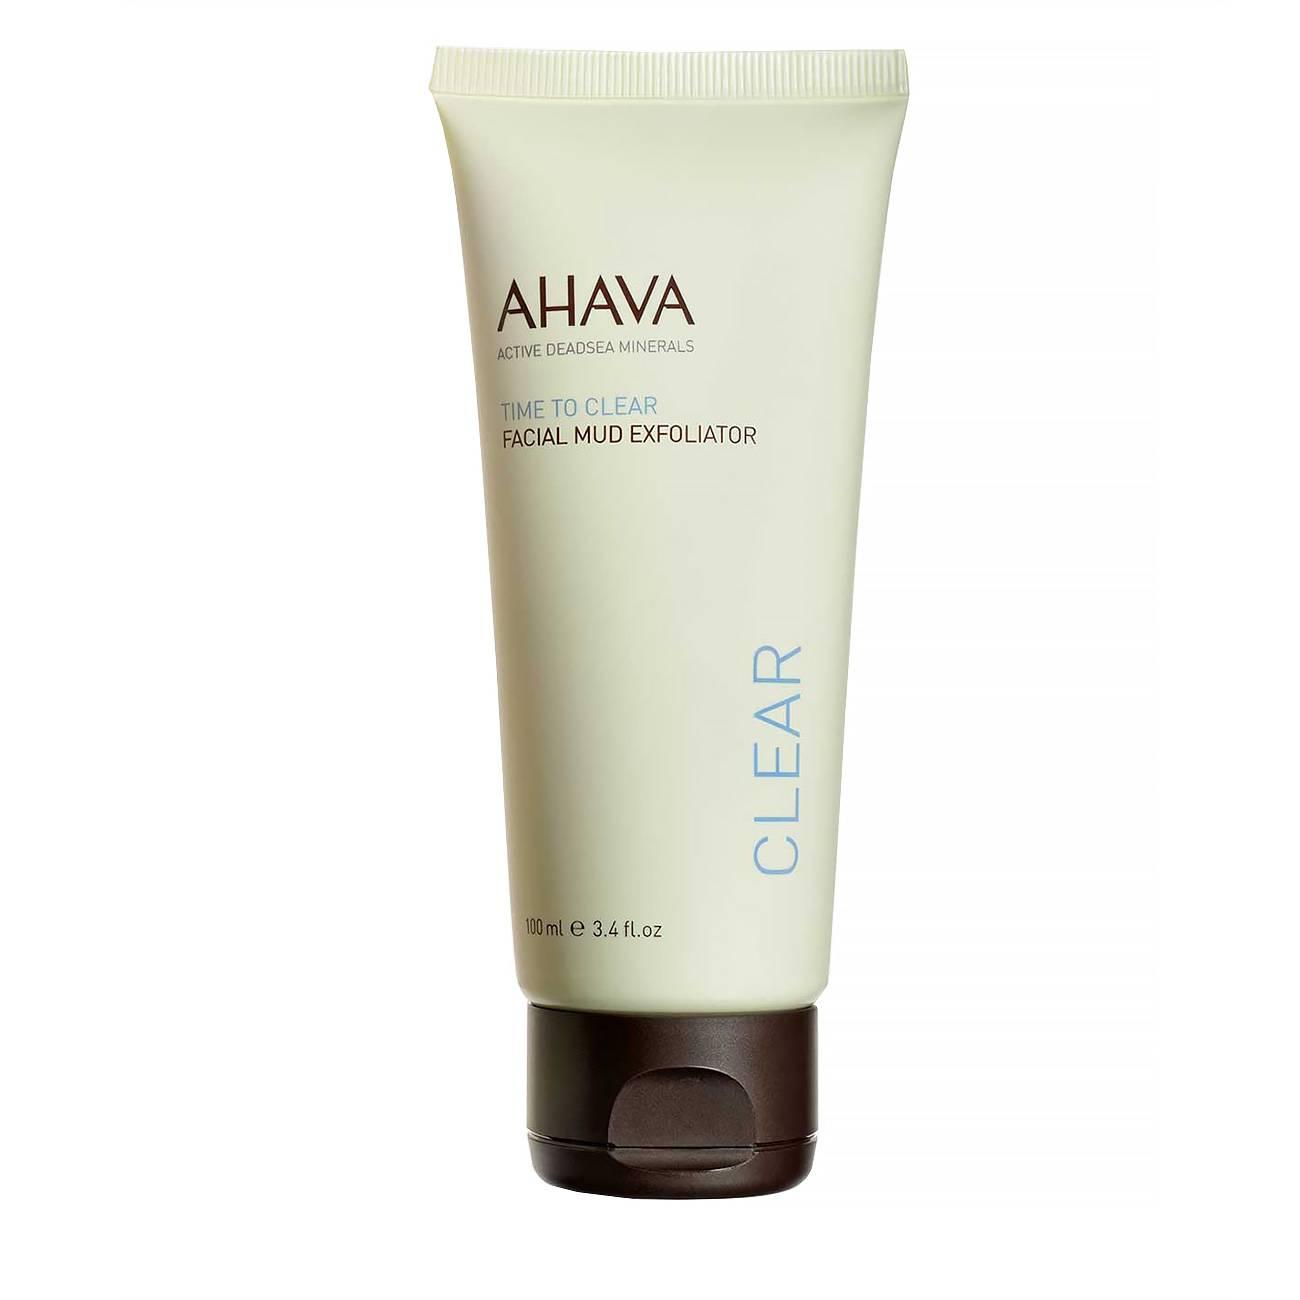 Time To Clear Facial Mud Exfoliator 100ml Ahava imagine 2021 bestvalue.eu